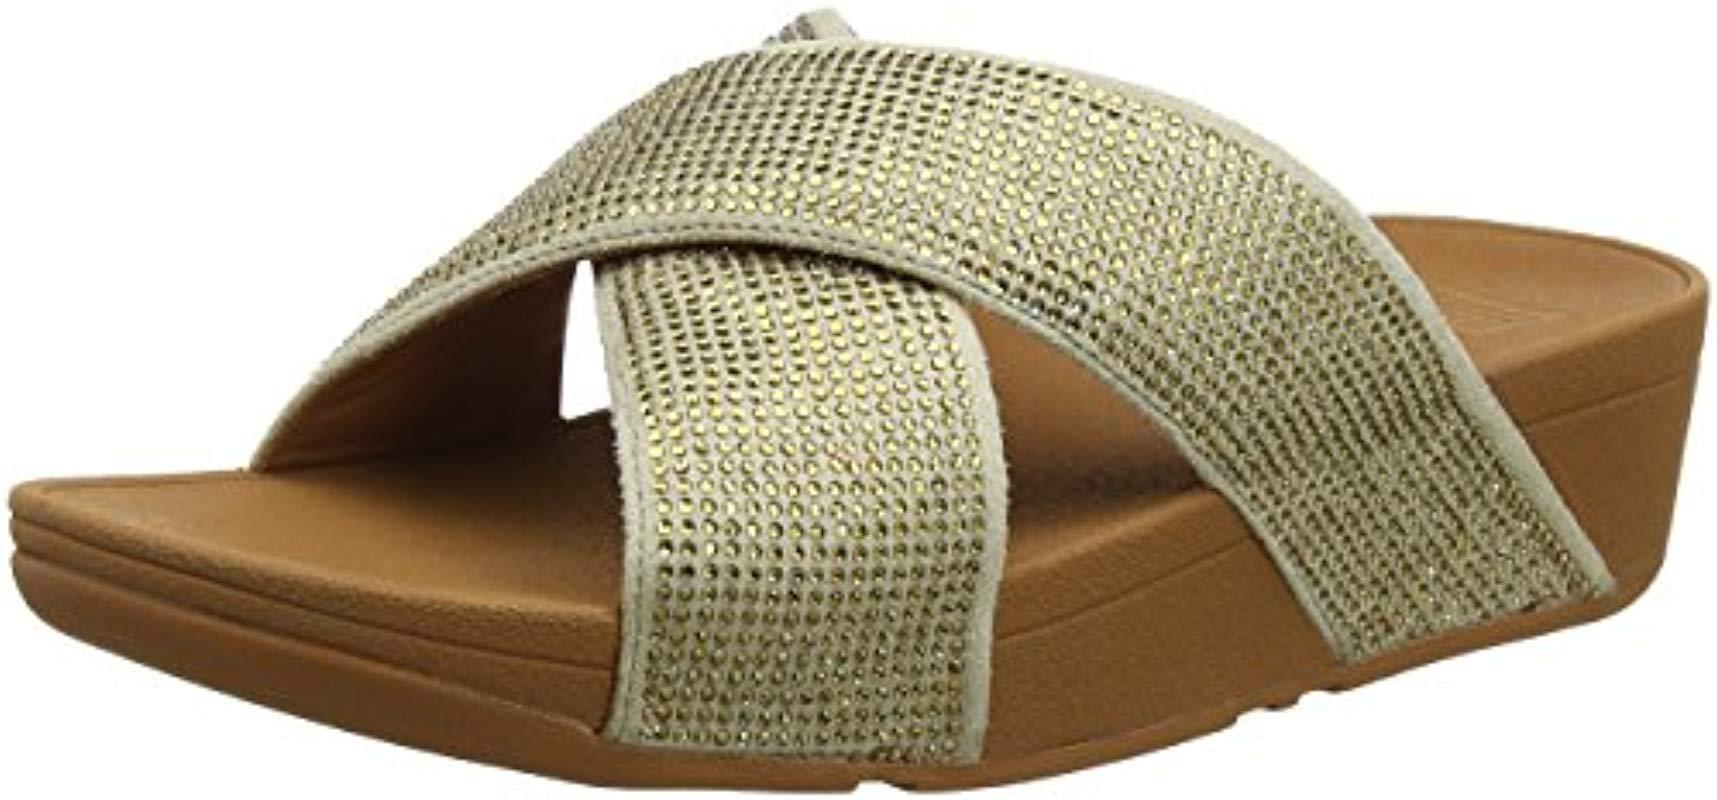 55812311338d Fitflop Ritzy Slide Open Toe Sandals in Metallic - Lyst